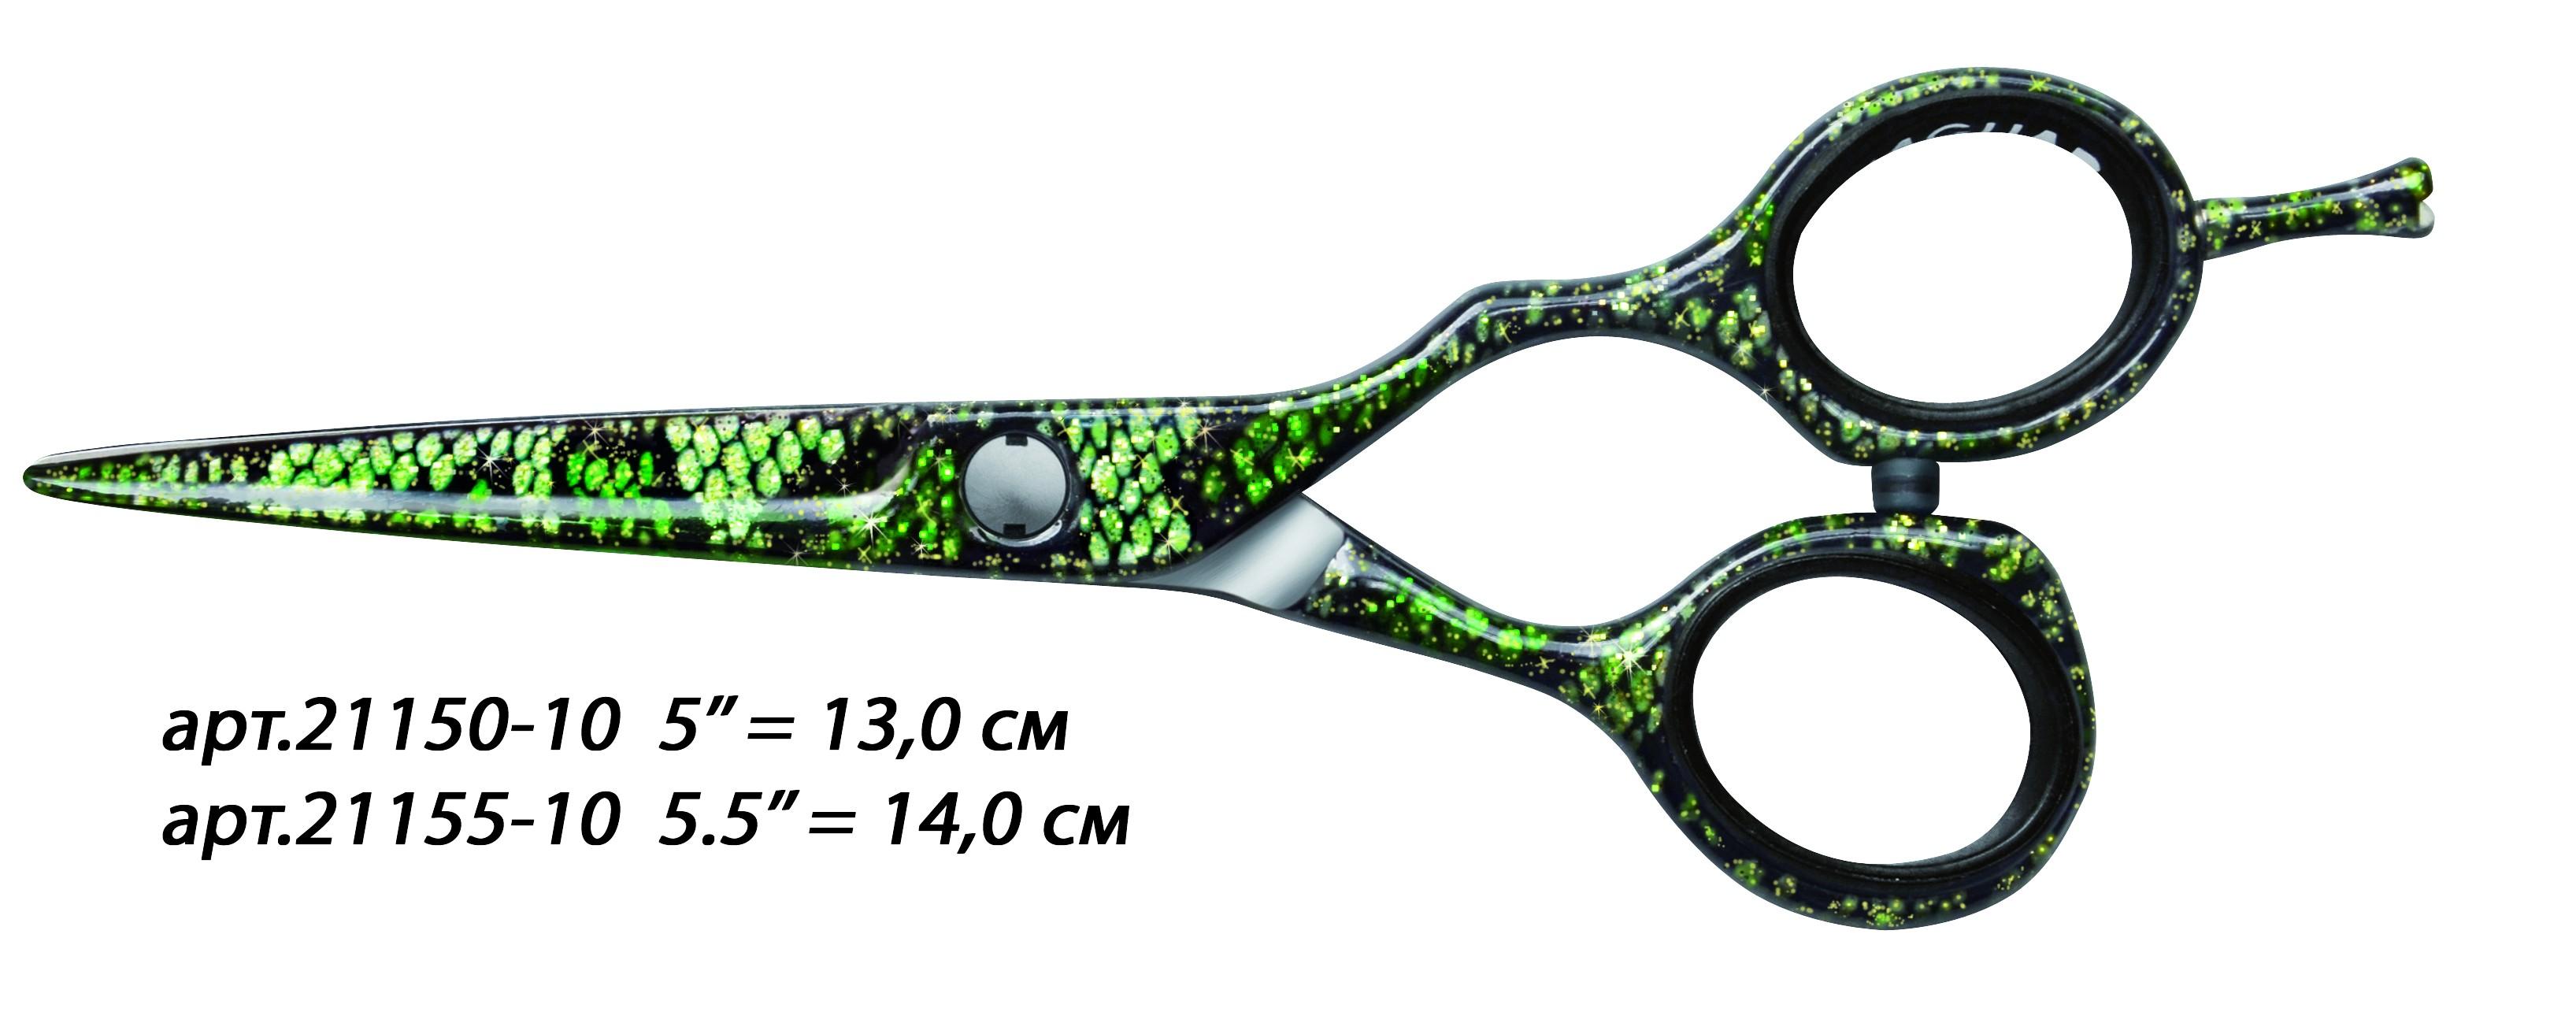 JAGUAR Ножницы Jaguar Green Mamba 5'(13cm)GL jaguar ножницы jaguar silence 6 15 5cm gl